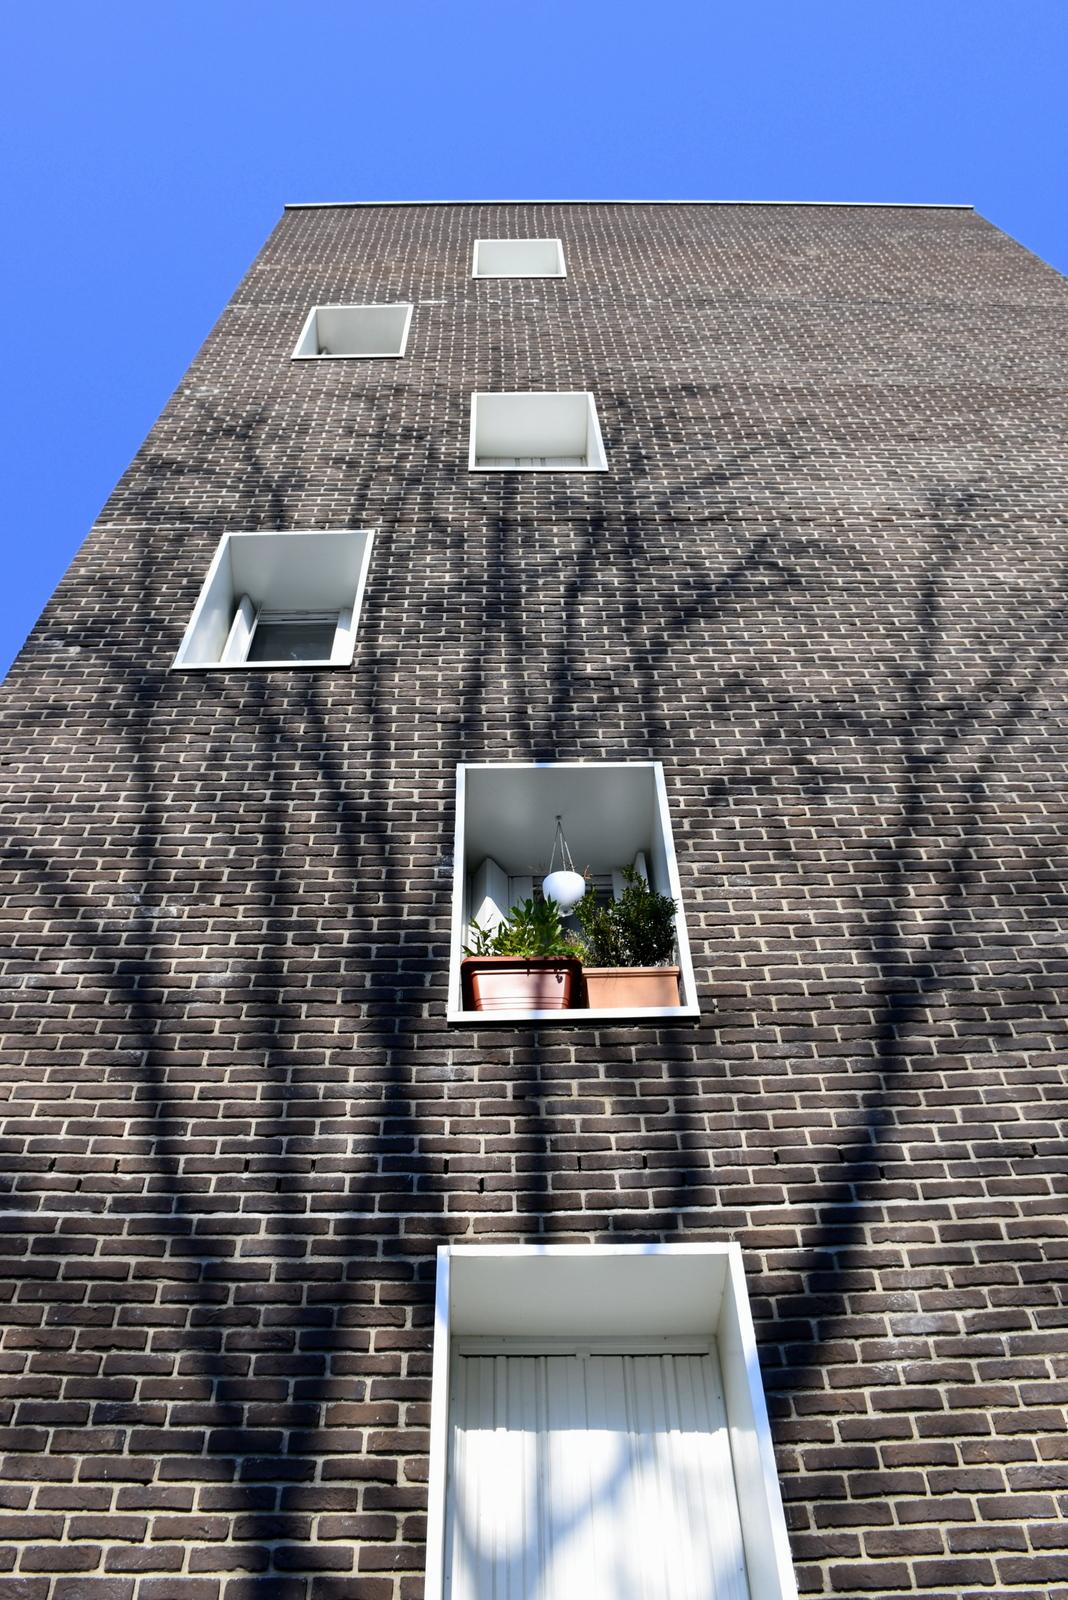 Fenêtre sur cour - Photo - Constant JOSSE